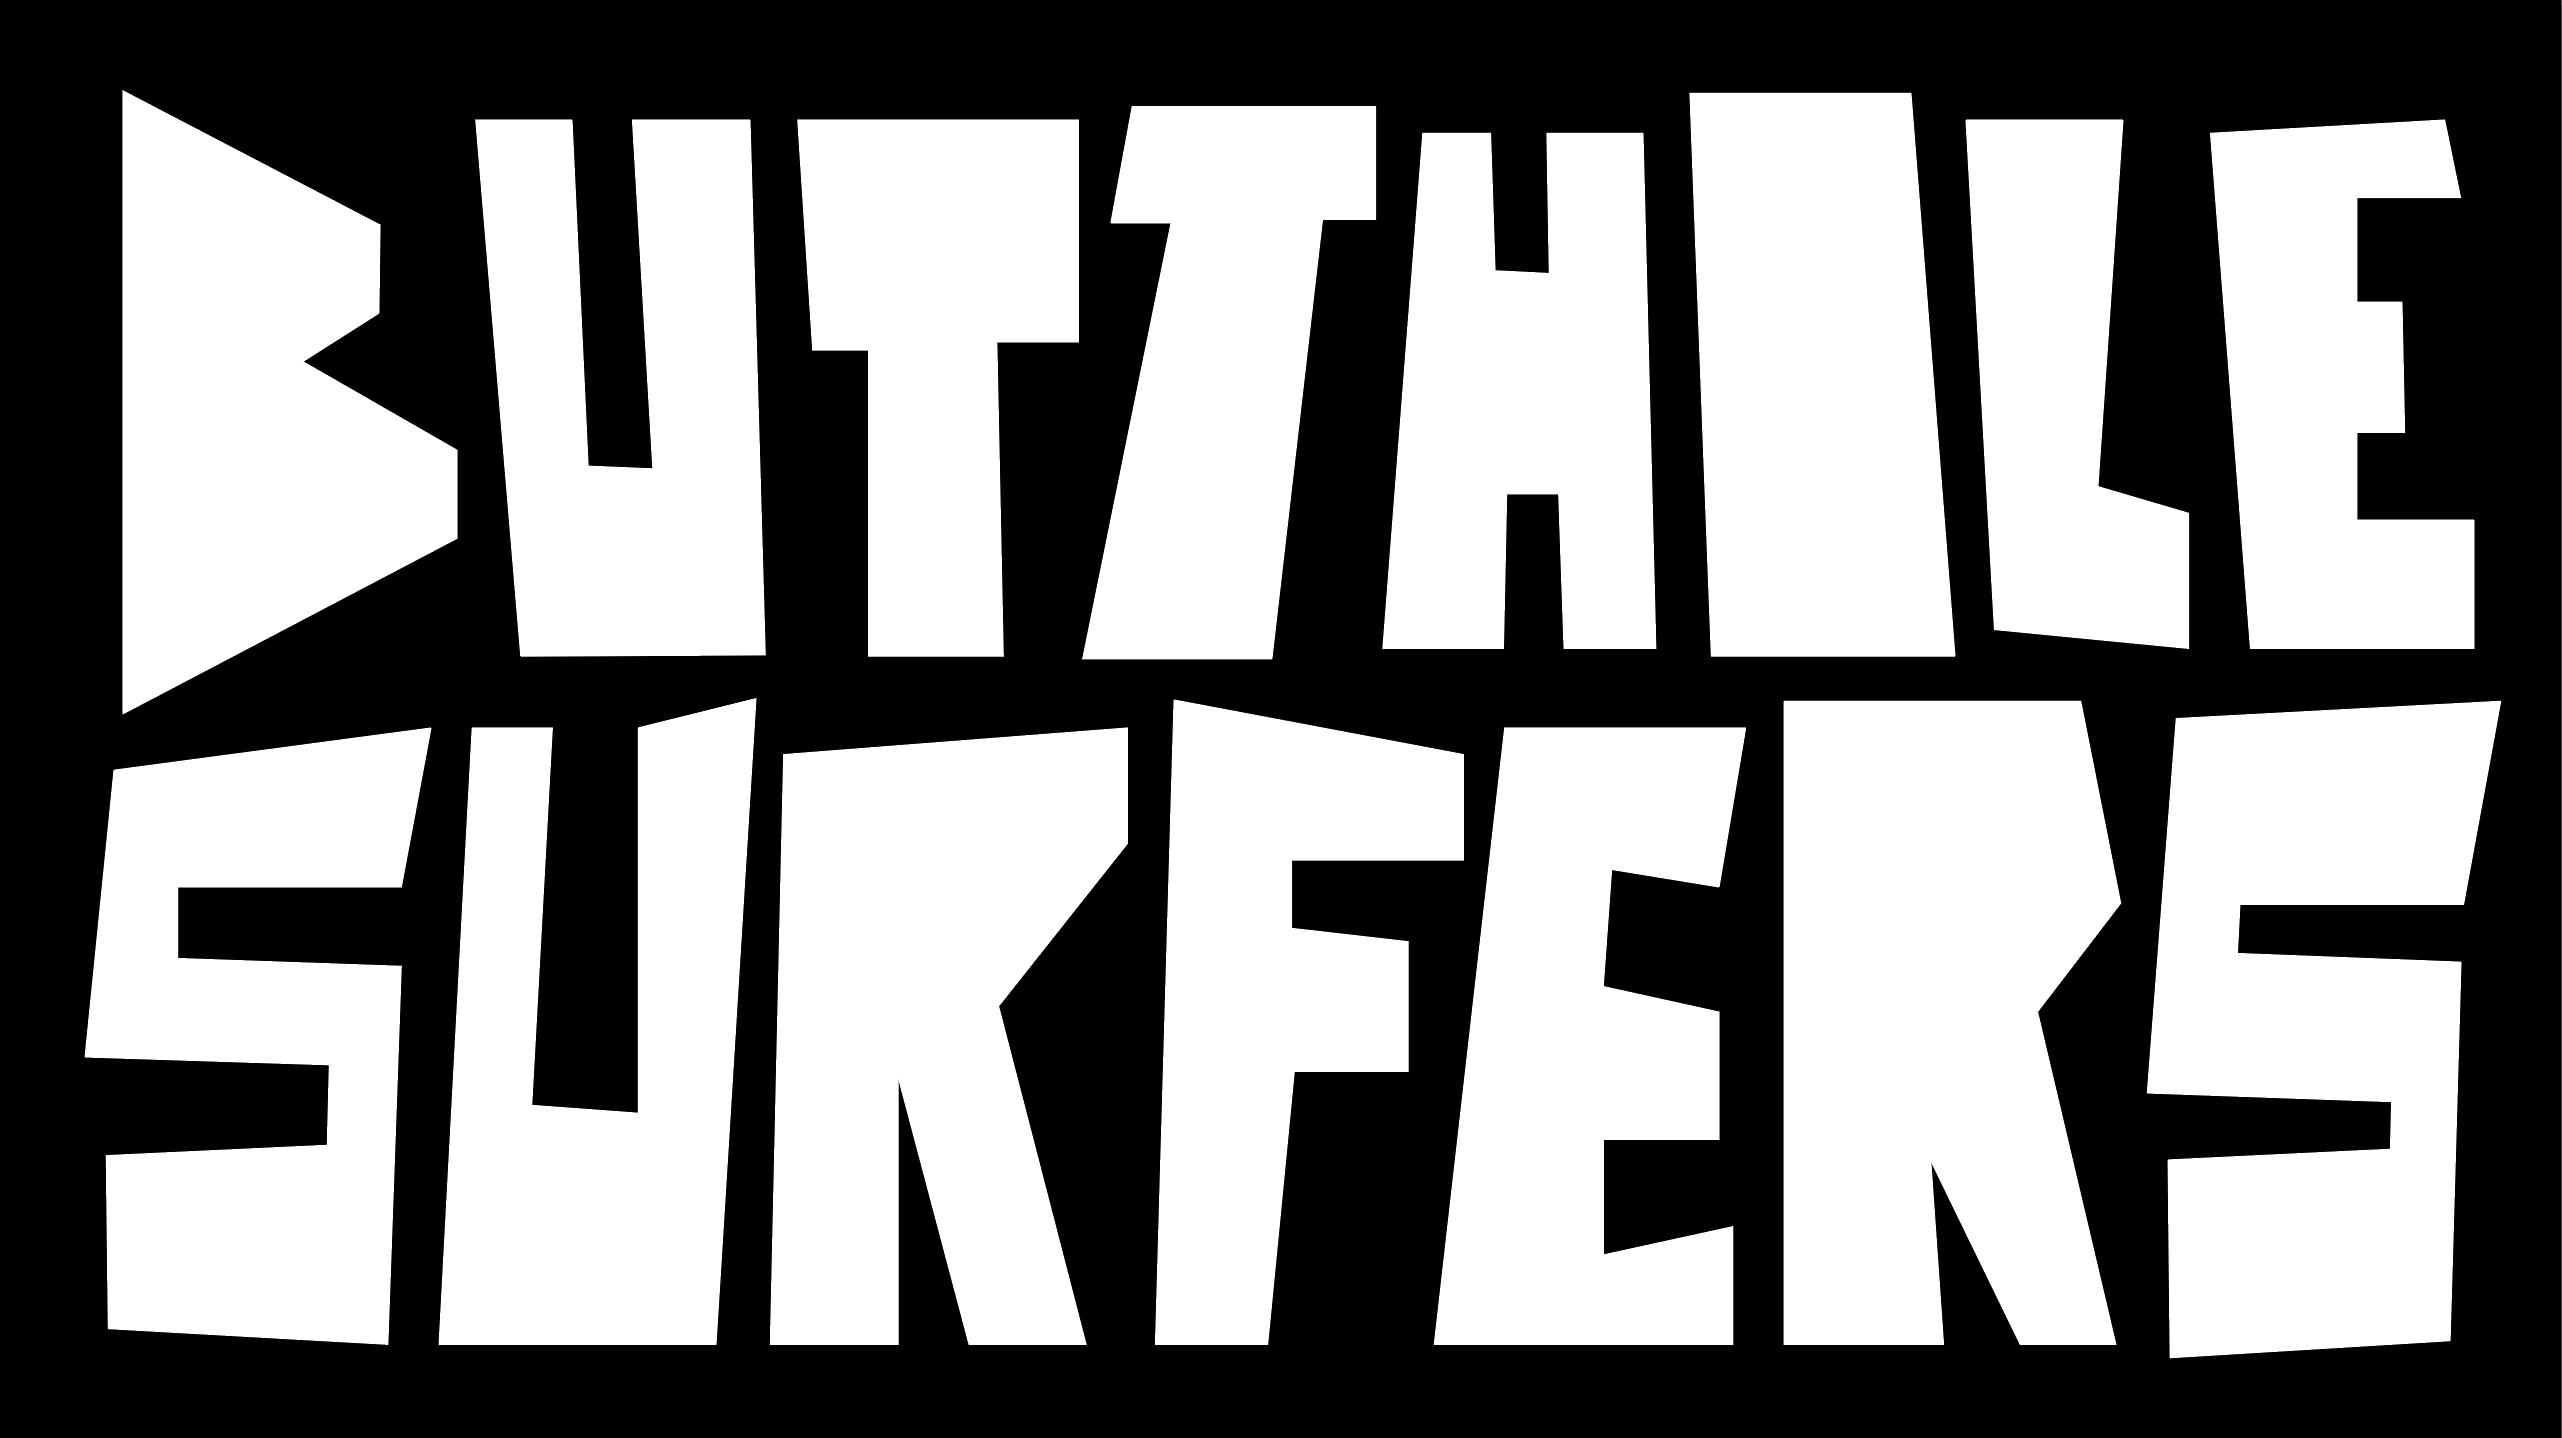 Buttholesurfers_philipjohansen